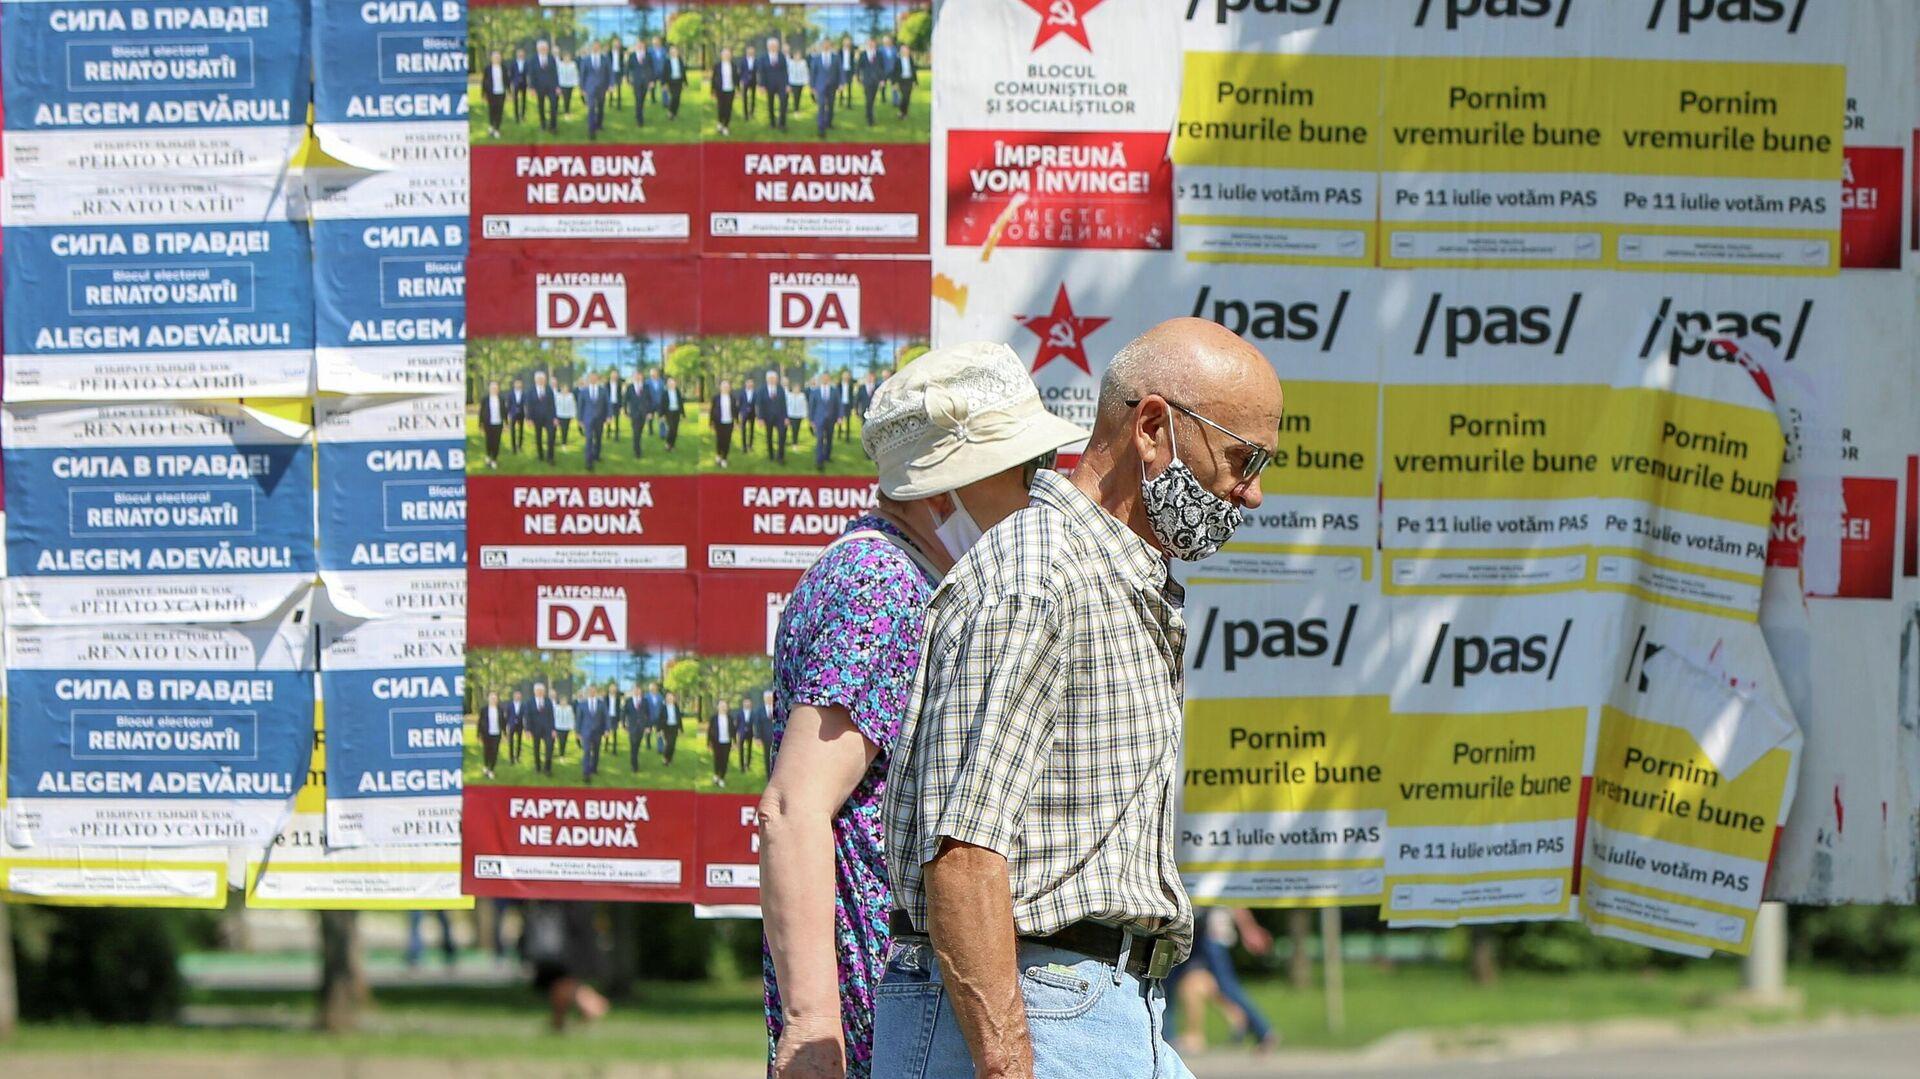 Люди проходят мимо избирательных плакатов накануне досрочных парламентских выборов в Кишиневе - РИА Новости, 1920, 11.07.2021